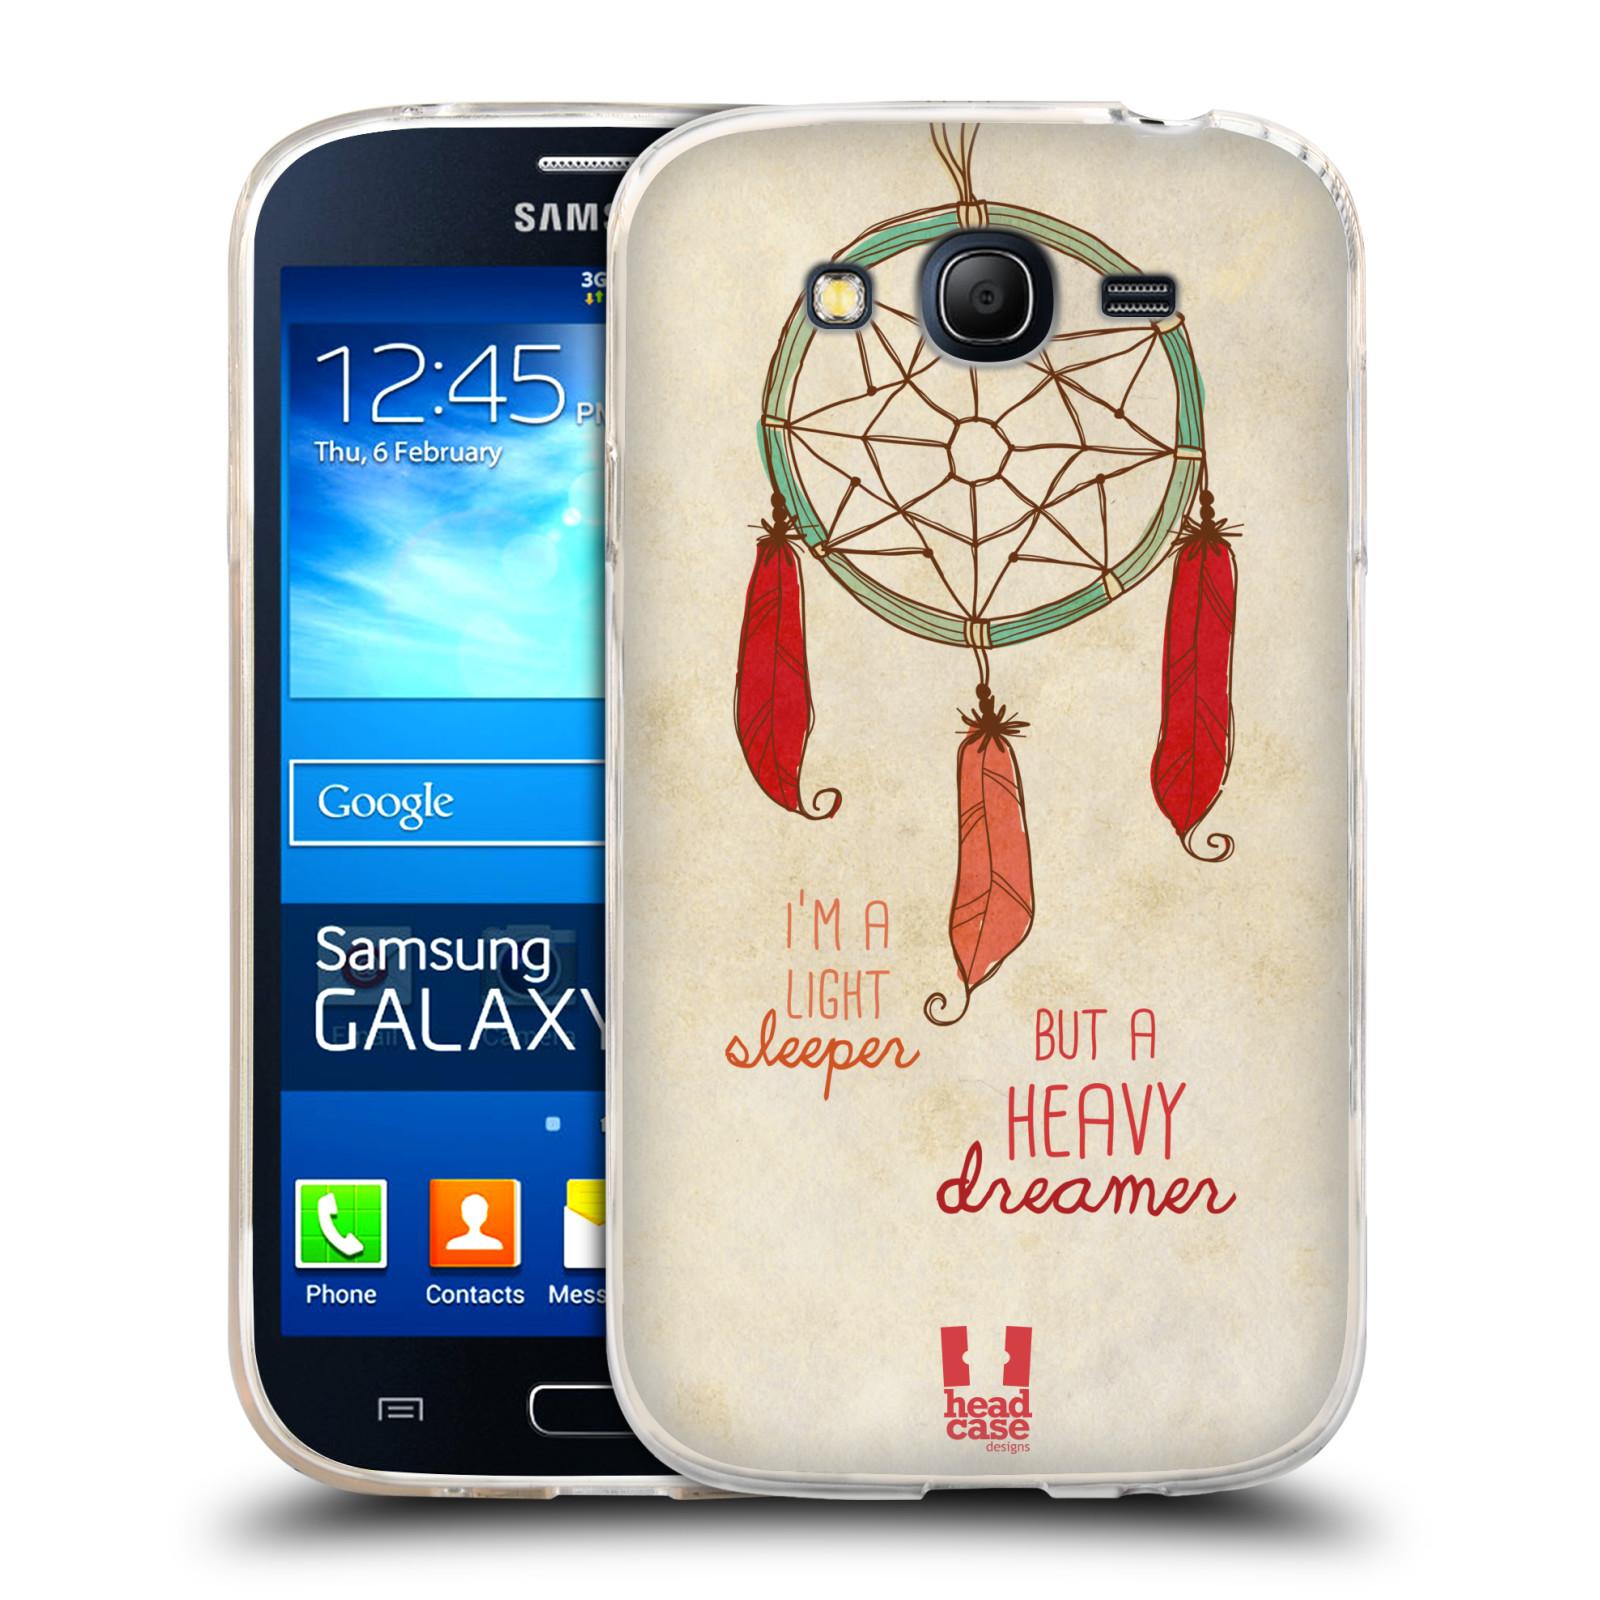 Silikonové pouzdro na mobil Samsung Galaxy Grand Neo HEAD CASE LAPAČ HEAVY DREAMER (Silikonový kryt či obal na mobilní telefon Samsung Galaxy Grand Neo GT-I9060)